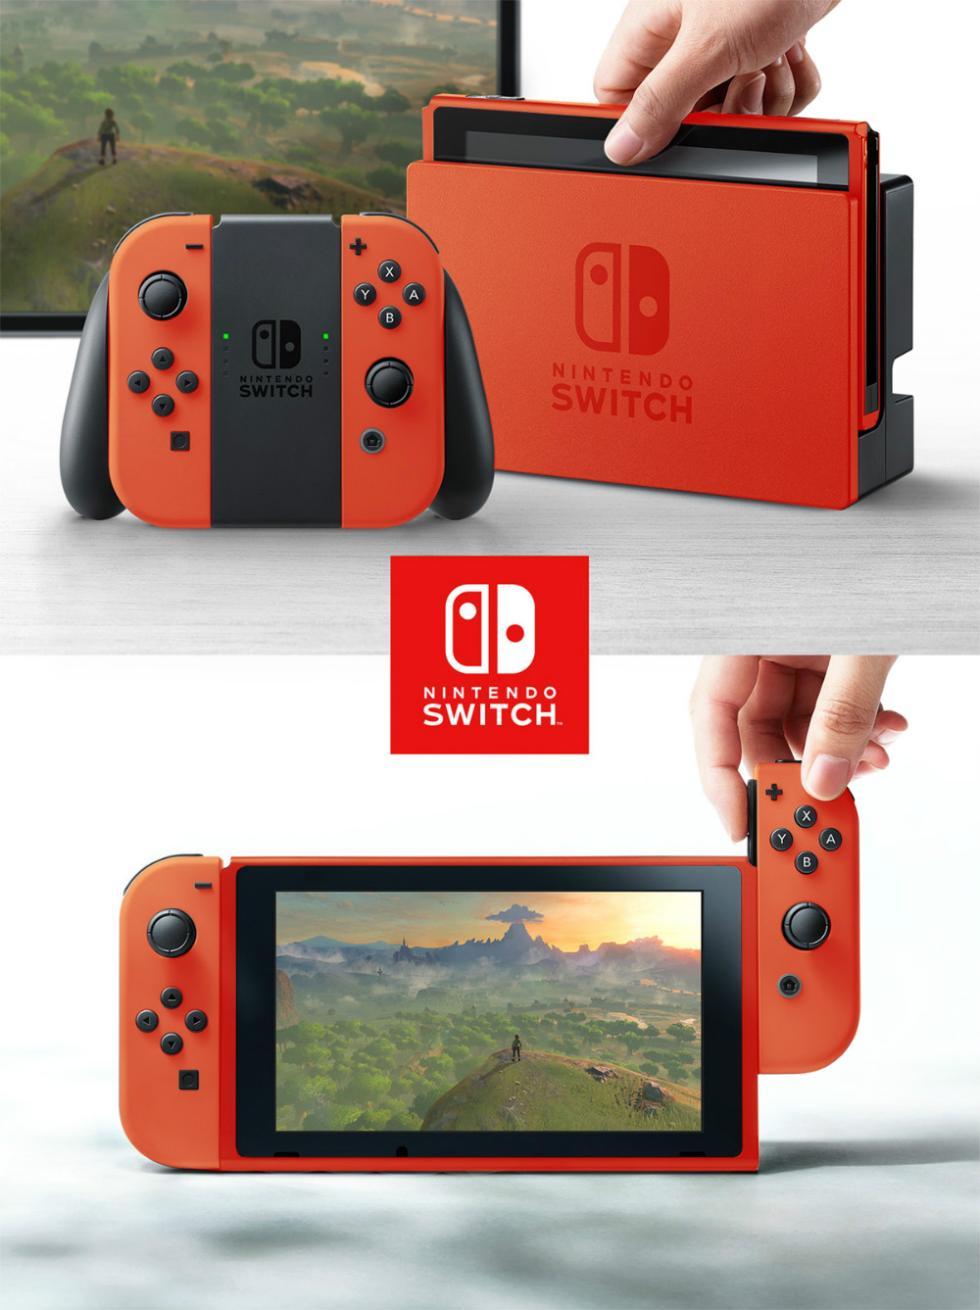 Nintendo Switch con carcasa de roja